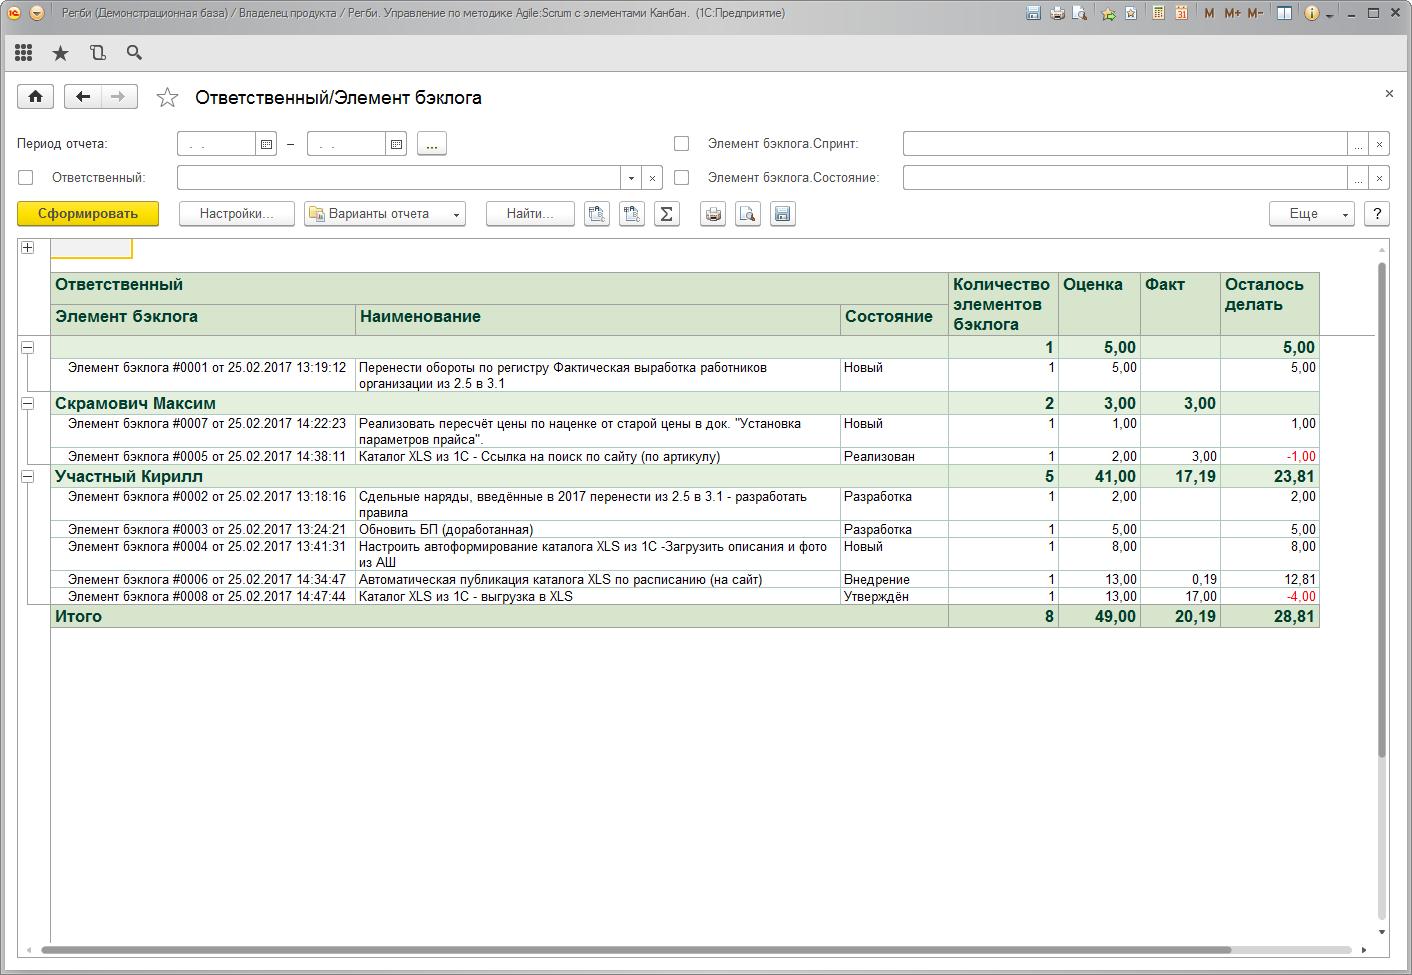 Скриншот - отчёт - Ответственный/элемент бэклога